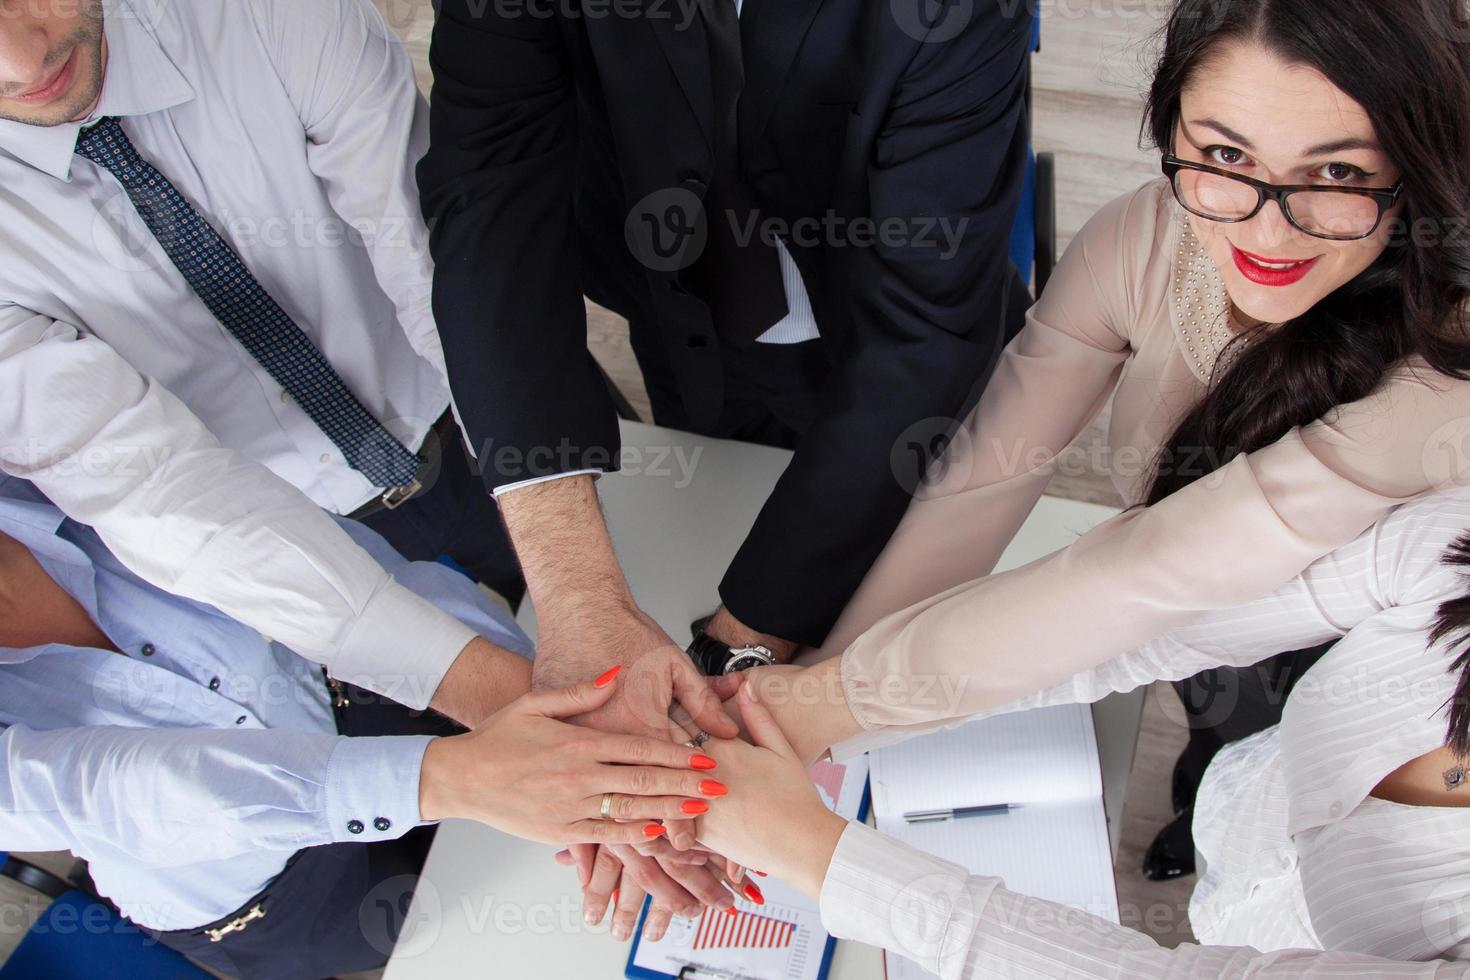 zakelijk teamwork foto